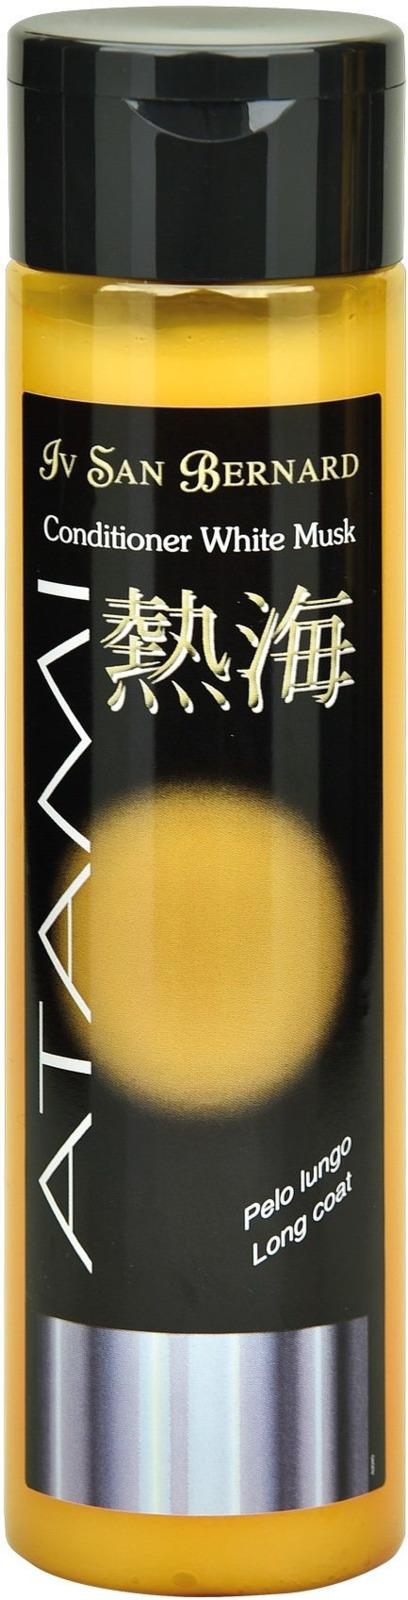 Кондиционер для животных Iv San Bernard ISB Atami Белый мускус, смягчающий, для длинной шерсти, 300 мл